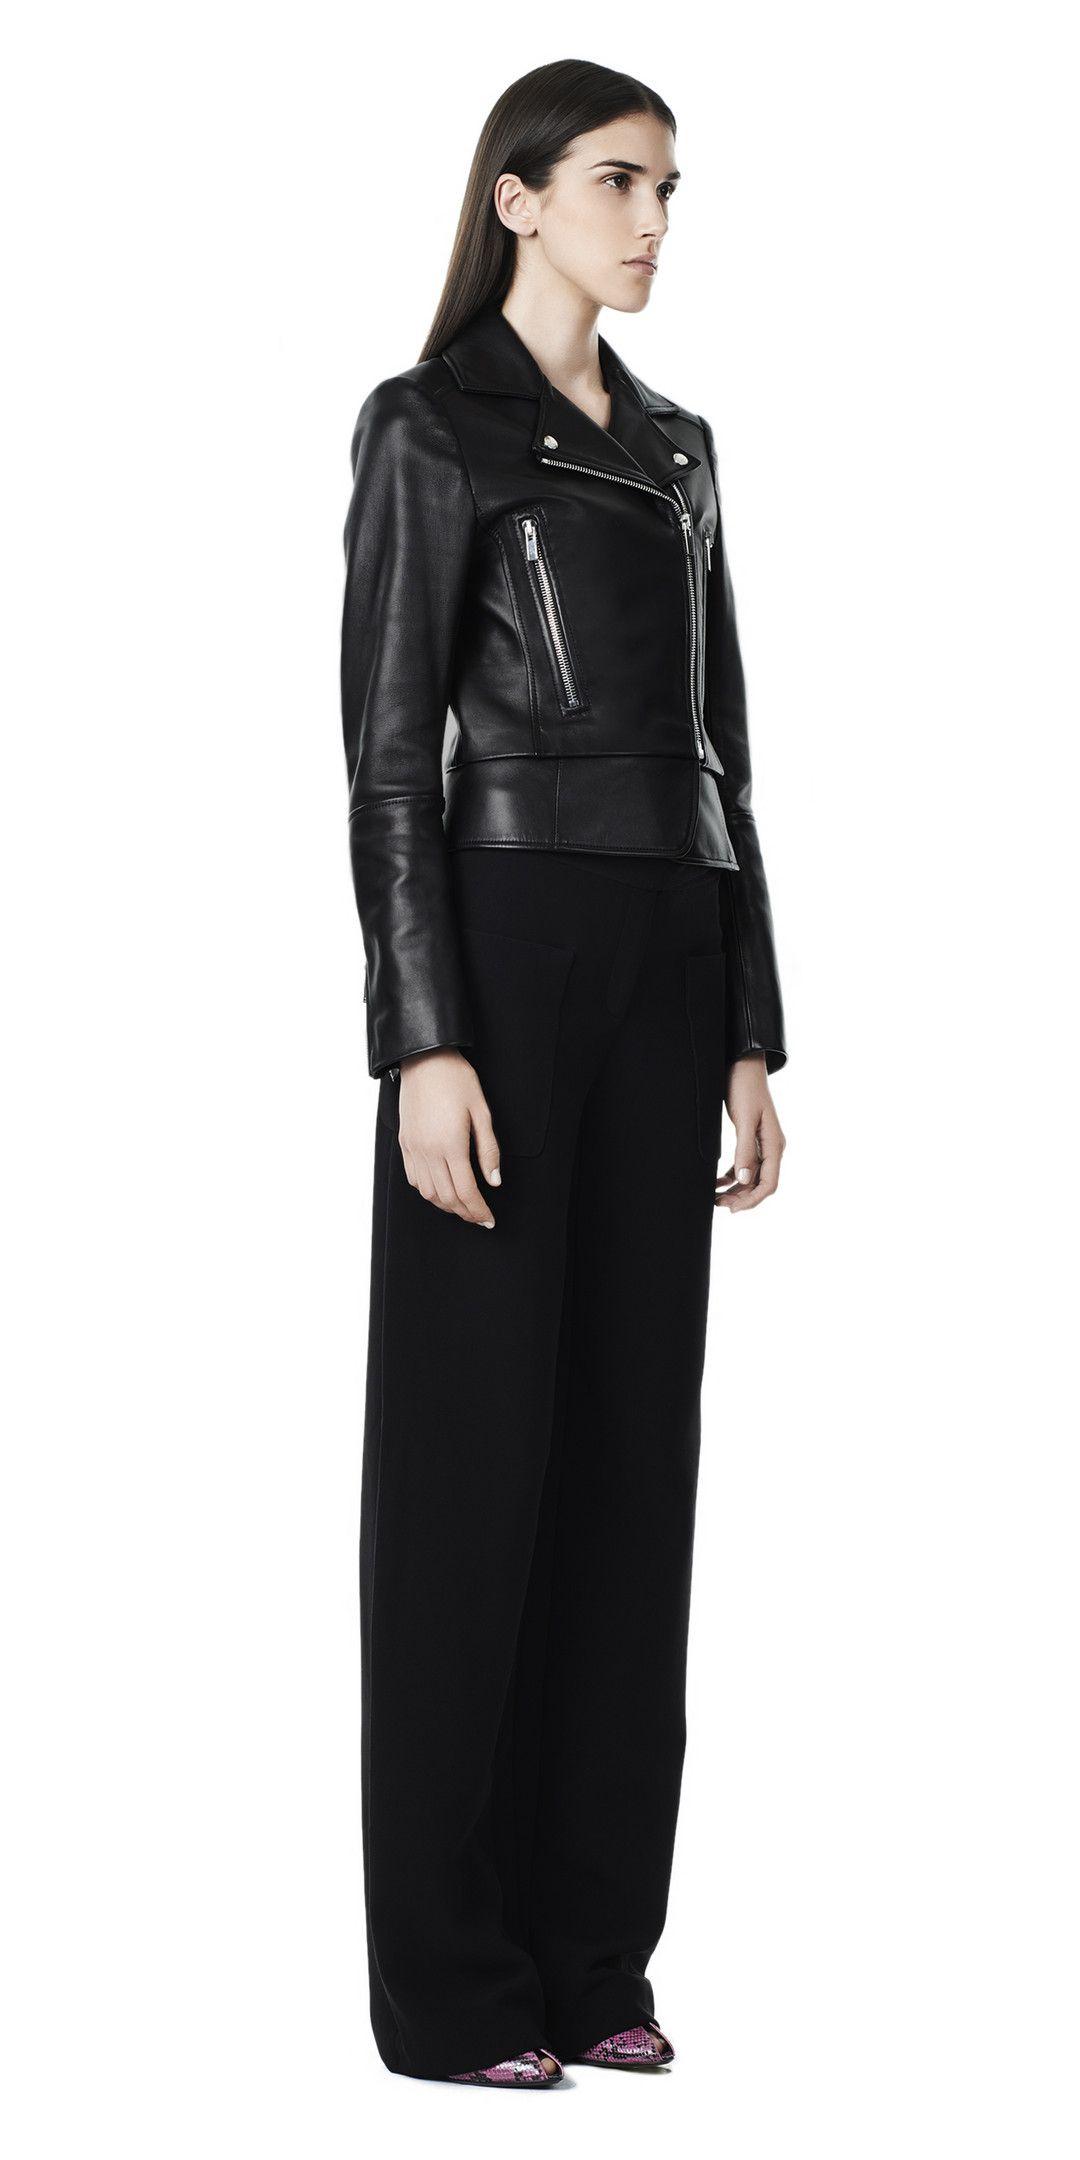 Dernière La Couleur Balenciaga Noir Femme Découvrez Vestes wxq0CvT